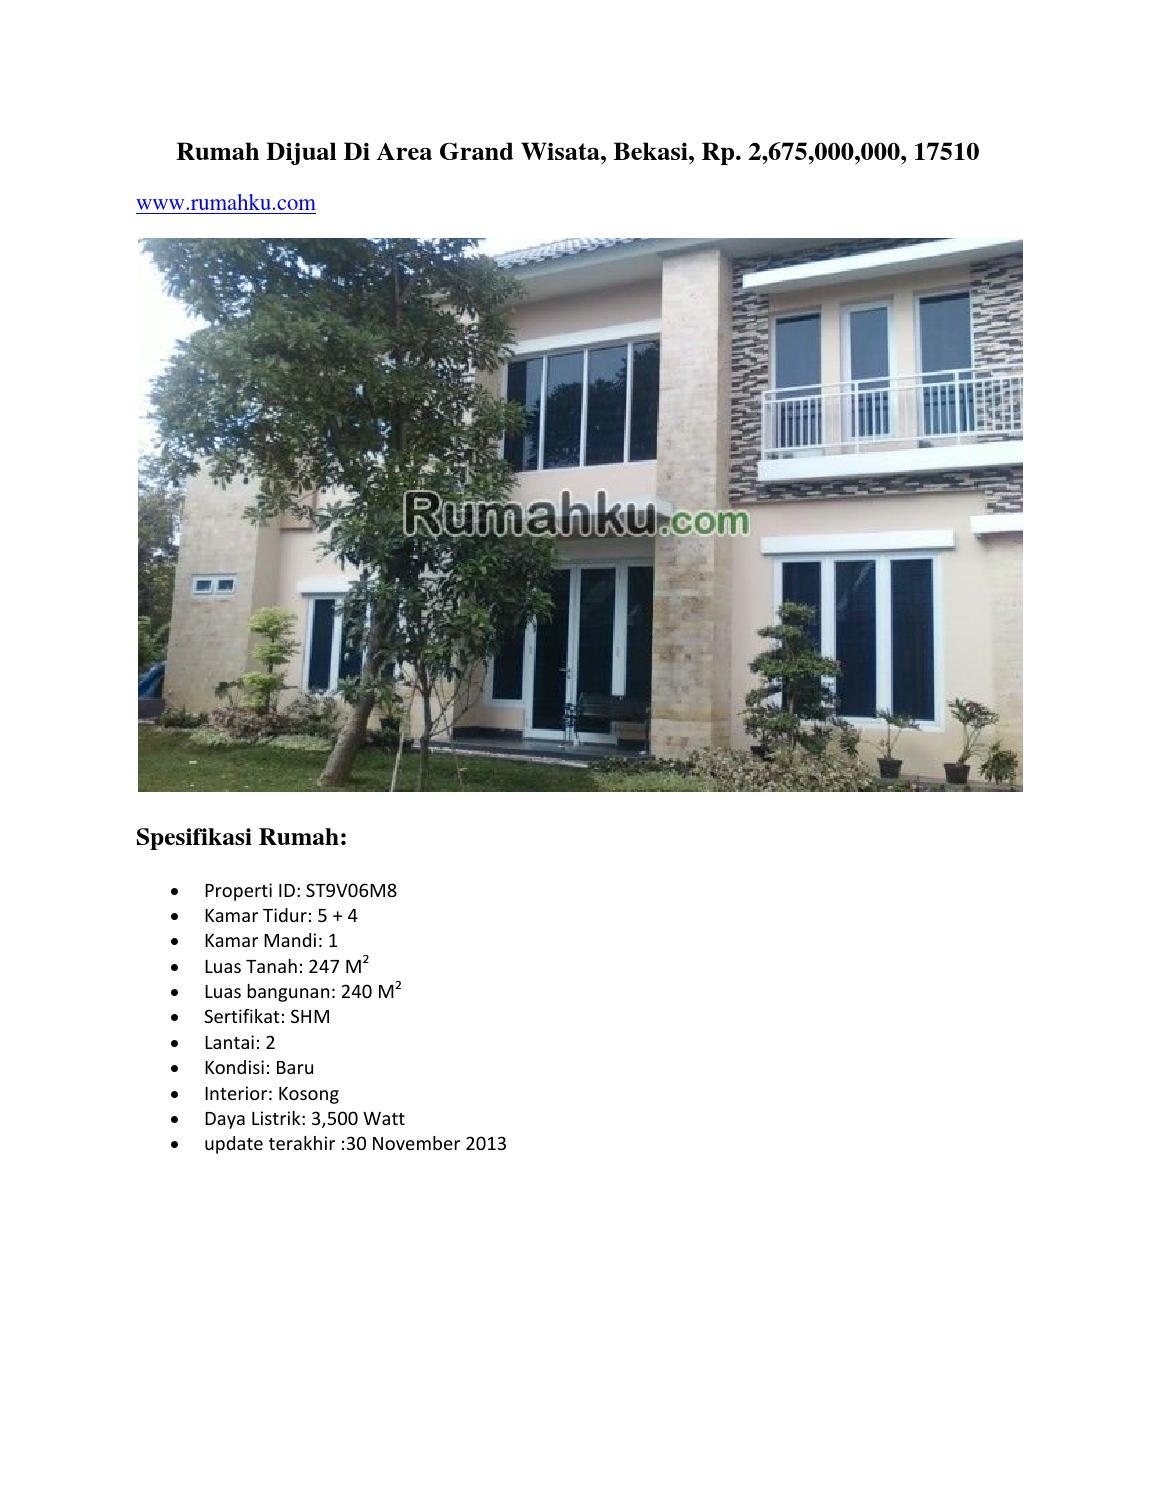 Rumah dijual di area grand wisata, bekasi, rp ...